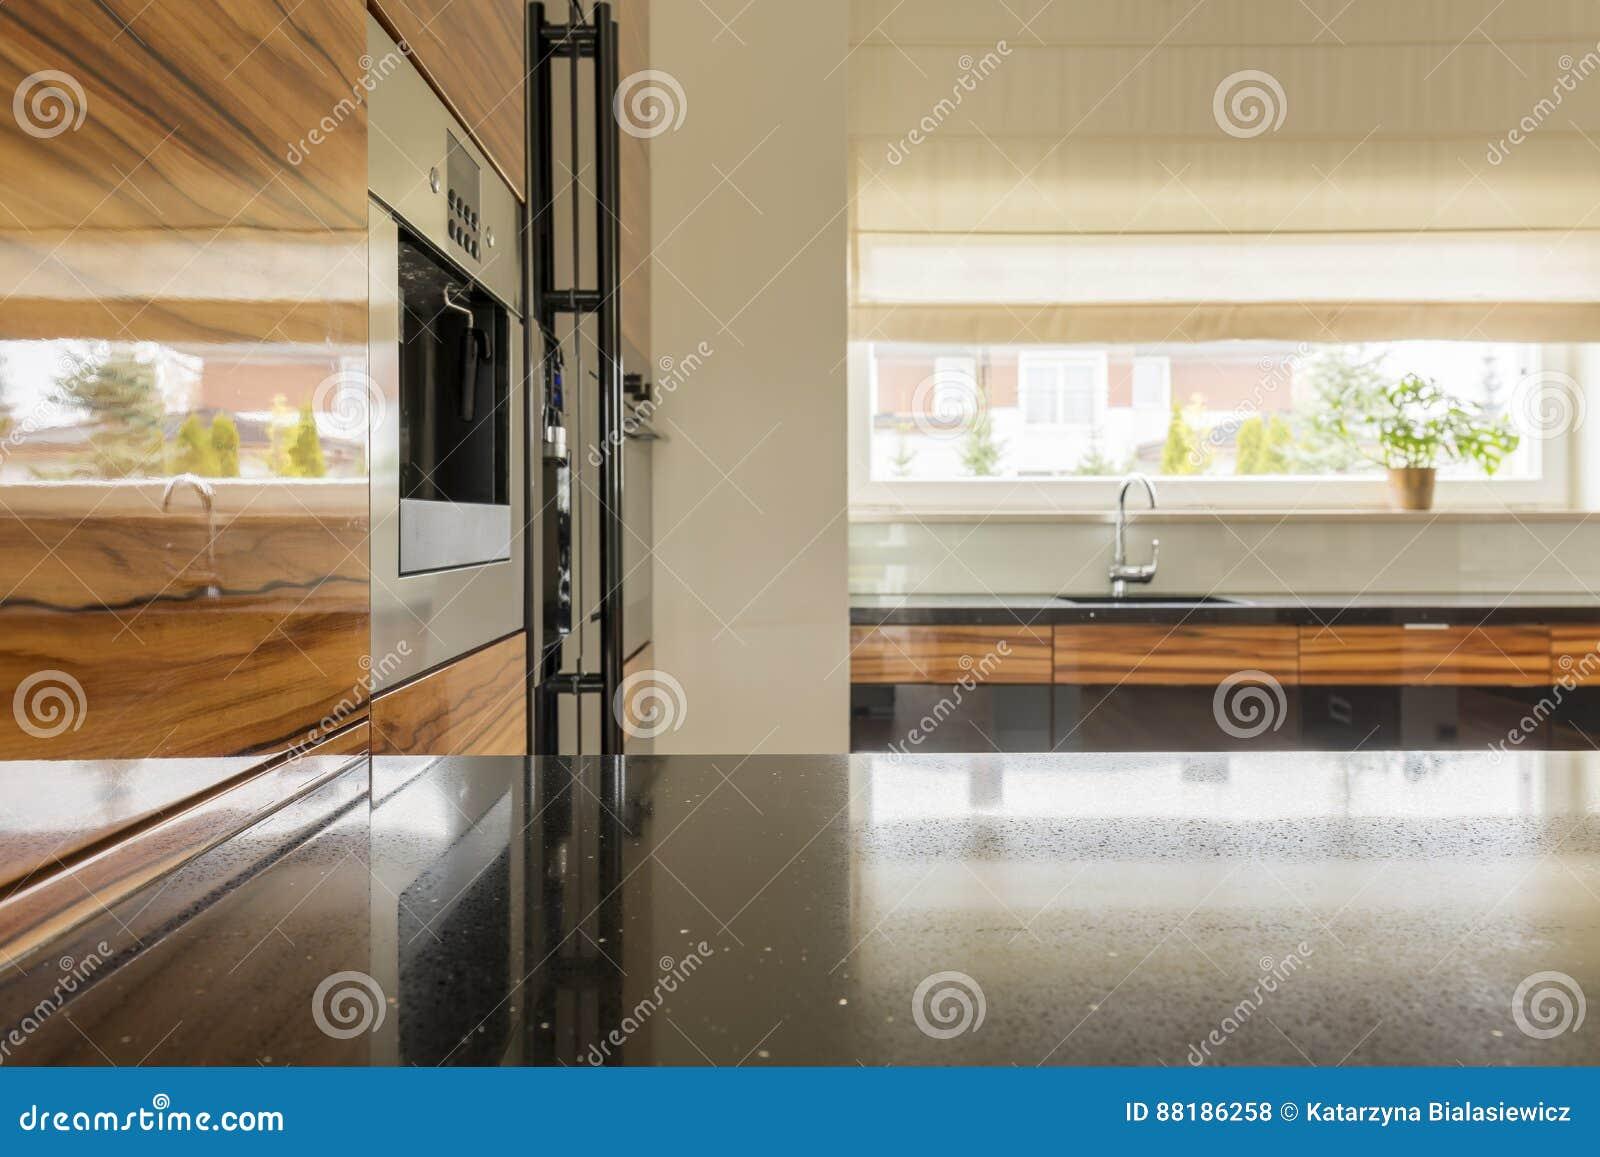 Drewniana I Czarna Kuchnia Zdjęcie Stock Obraz Złożonej Z